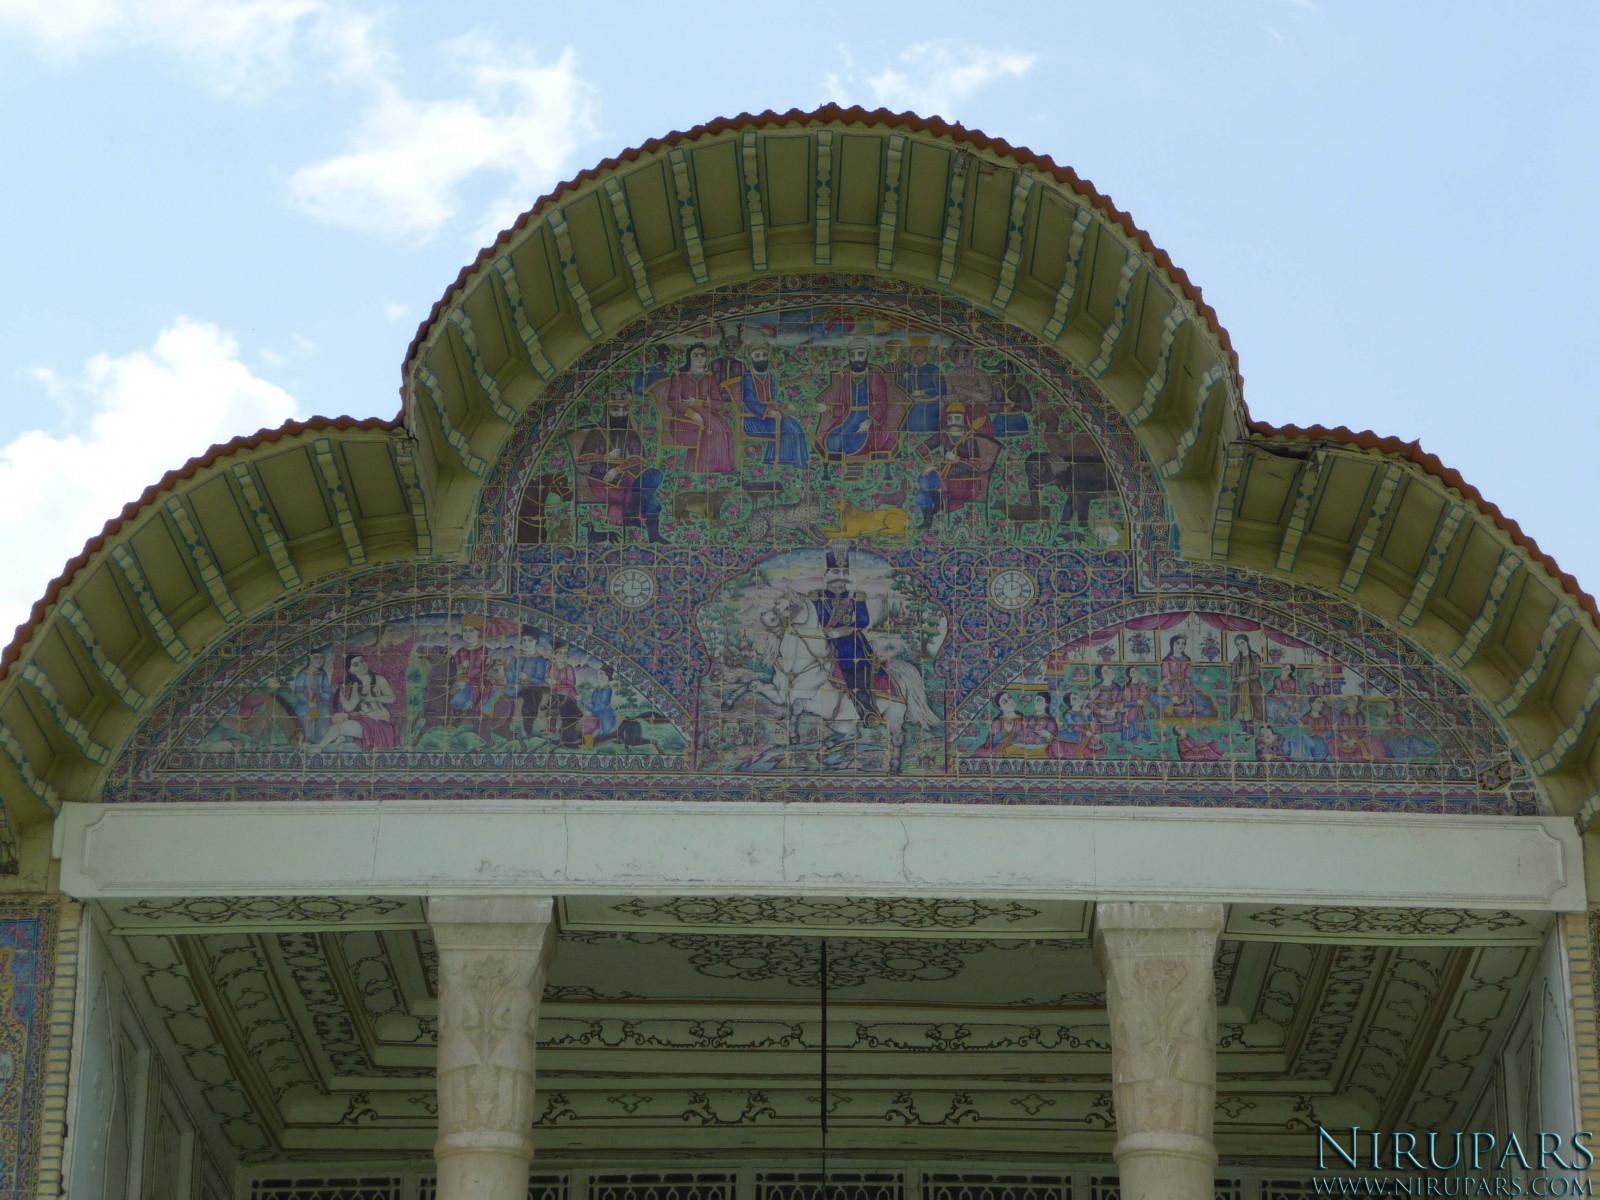 Baq-e Eram - Building - Pediment painting